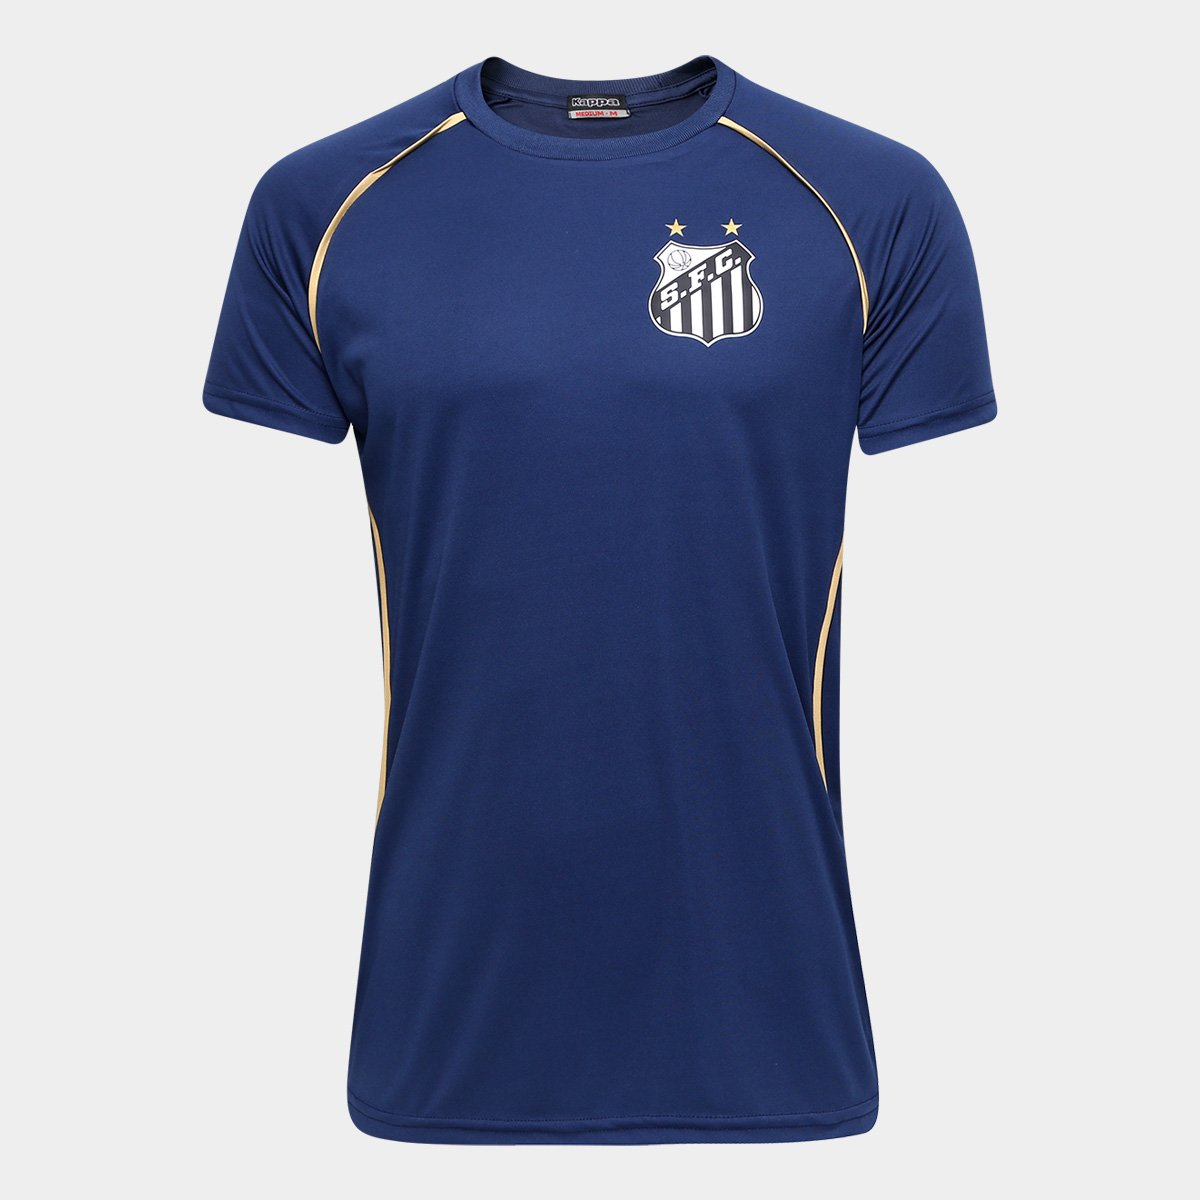 1178495f67586 Camisa Nike Santos III 2014 s nº - Compre Agora